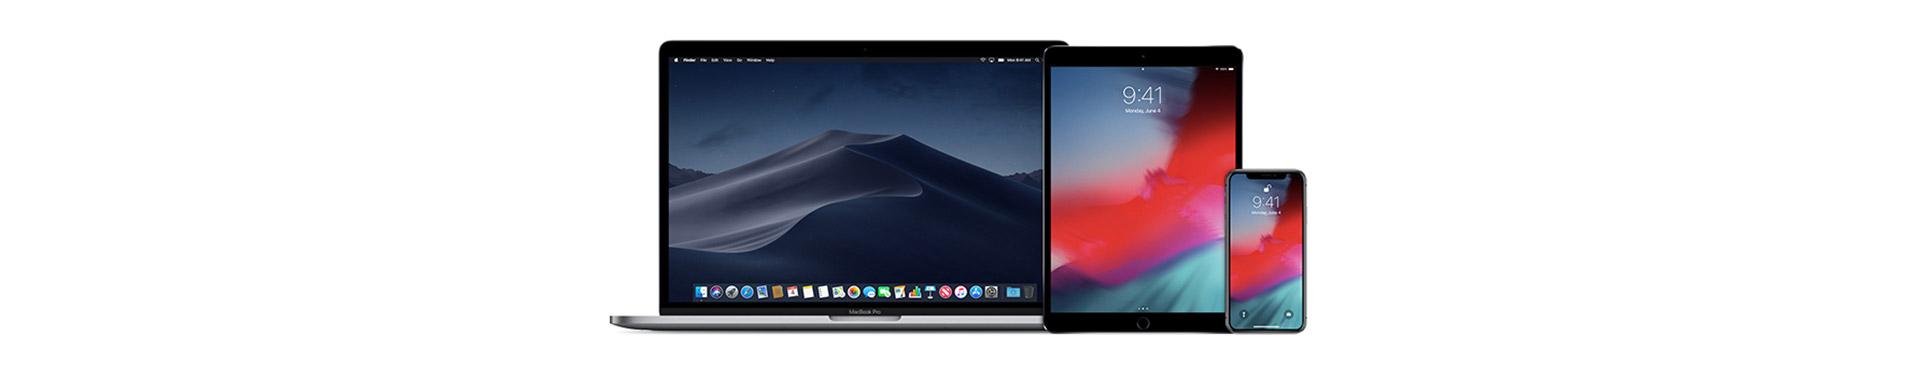 iPhone Xs, iPhone Xr, MacBook Air, Mac mini en iPad Pro